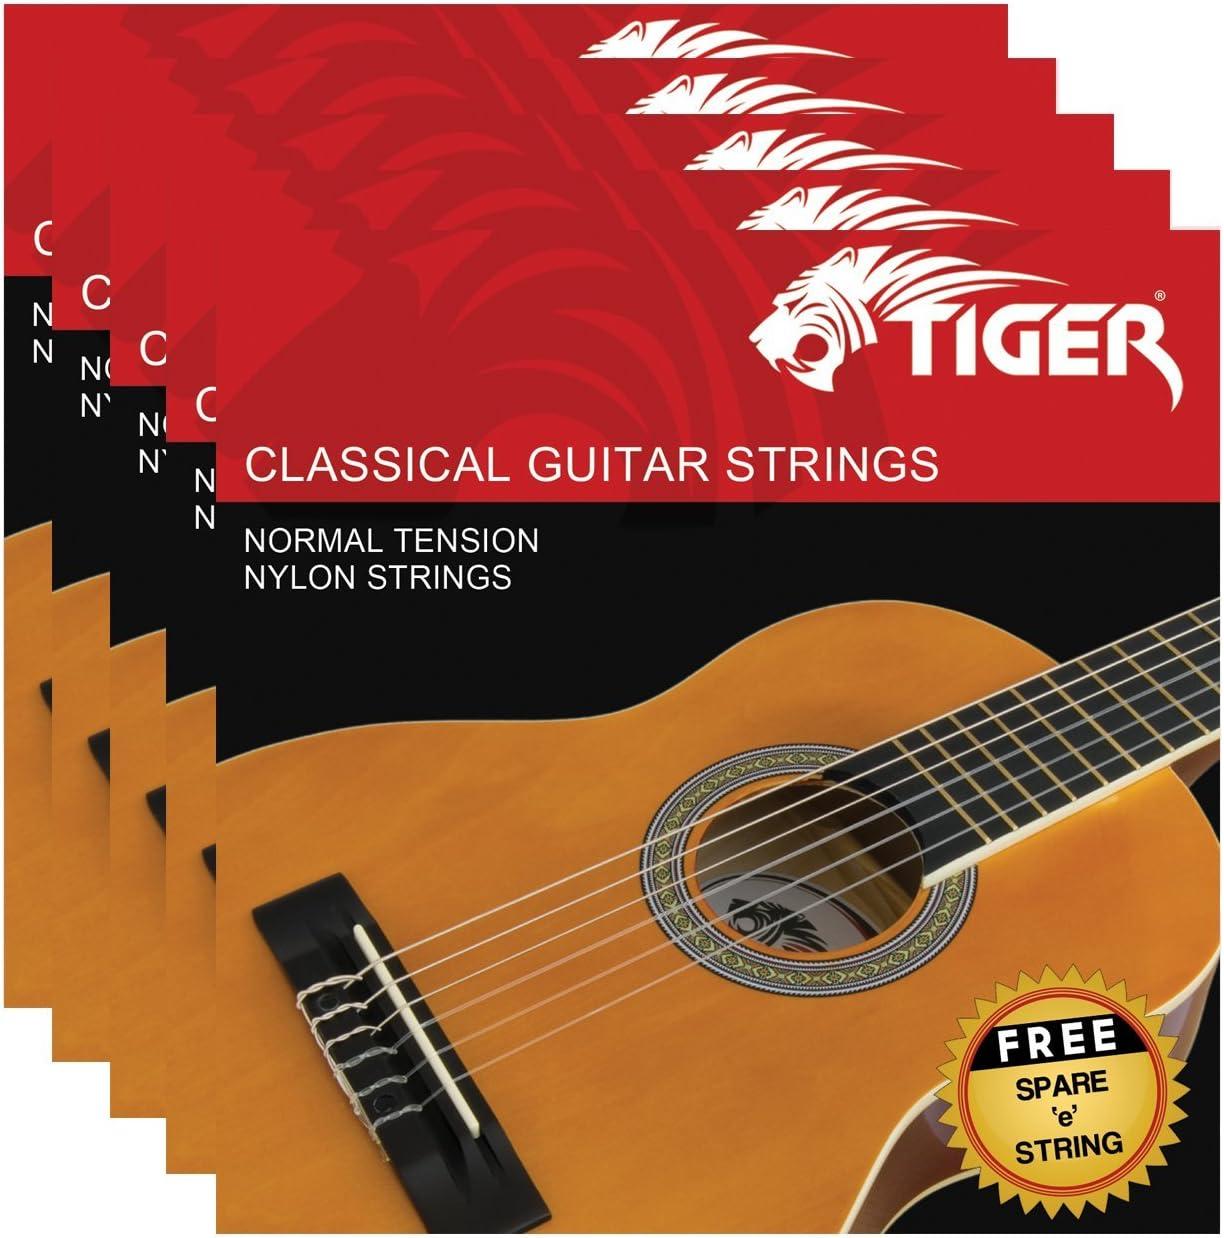 Tiger - Juego de cuerdas para guitarra clásica (5 unidades)